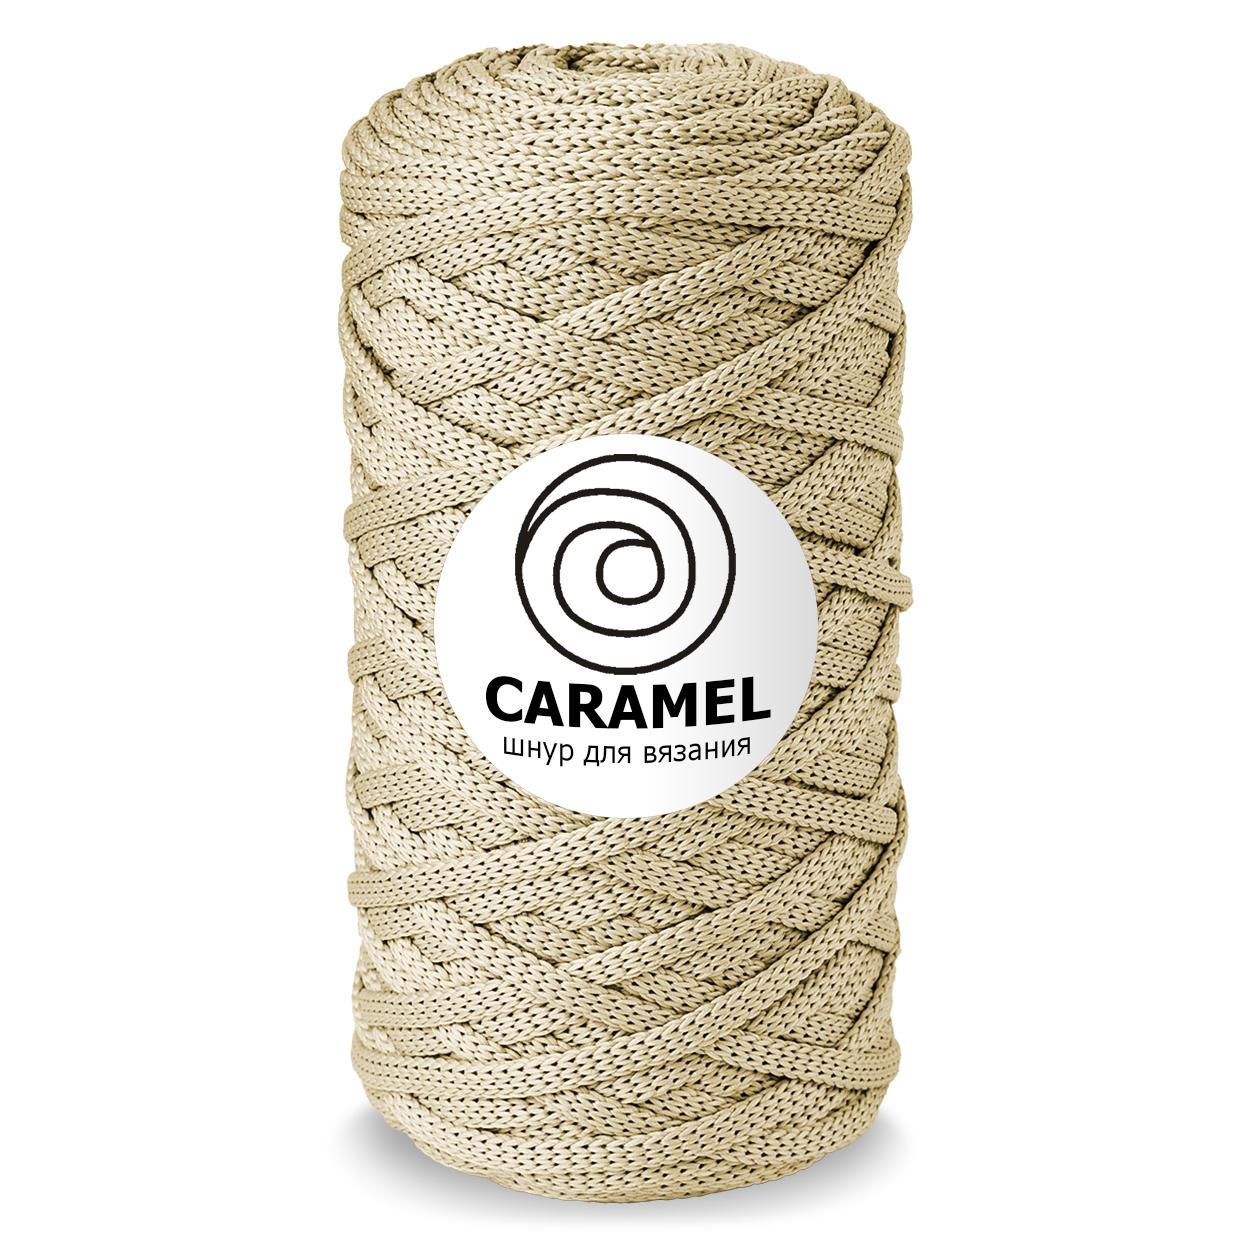 Плоский полиэфирный шнур Caramel Полиэфирный шнур Caramel Вафля vaflya-1250x1250.jpg